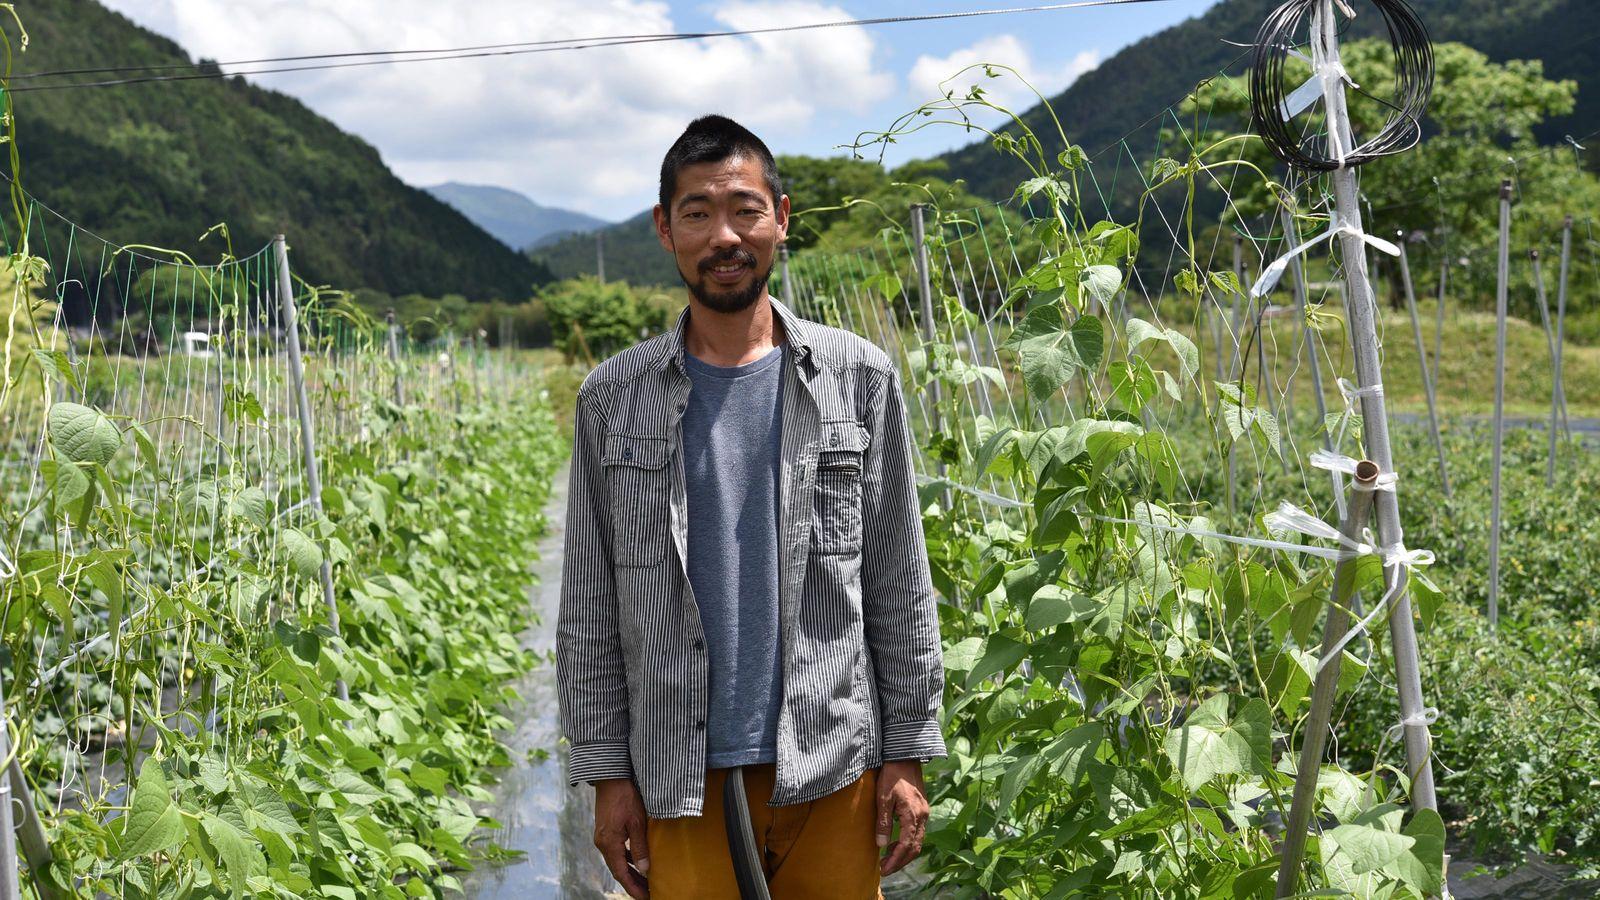 「週休2日」を実現した京都の有機農家の働き方 就農のきっかけは「大学院の研究」